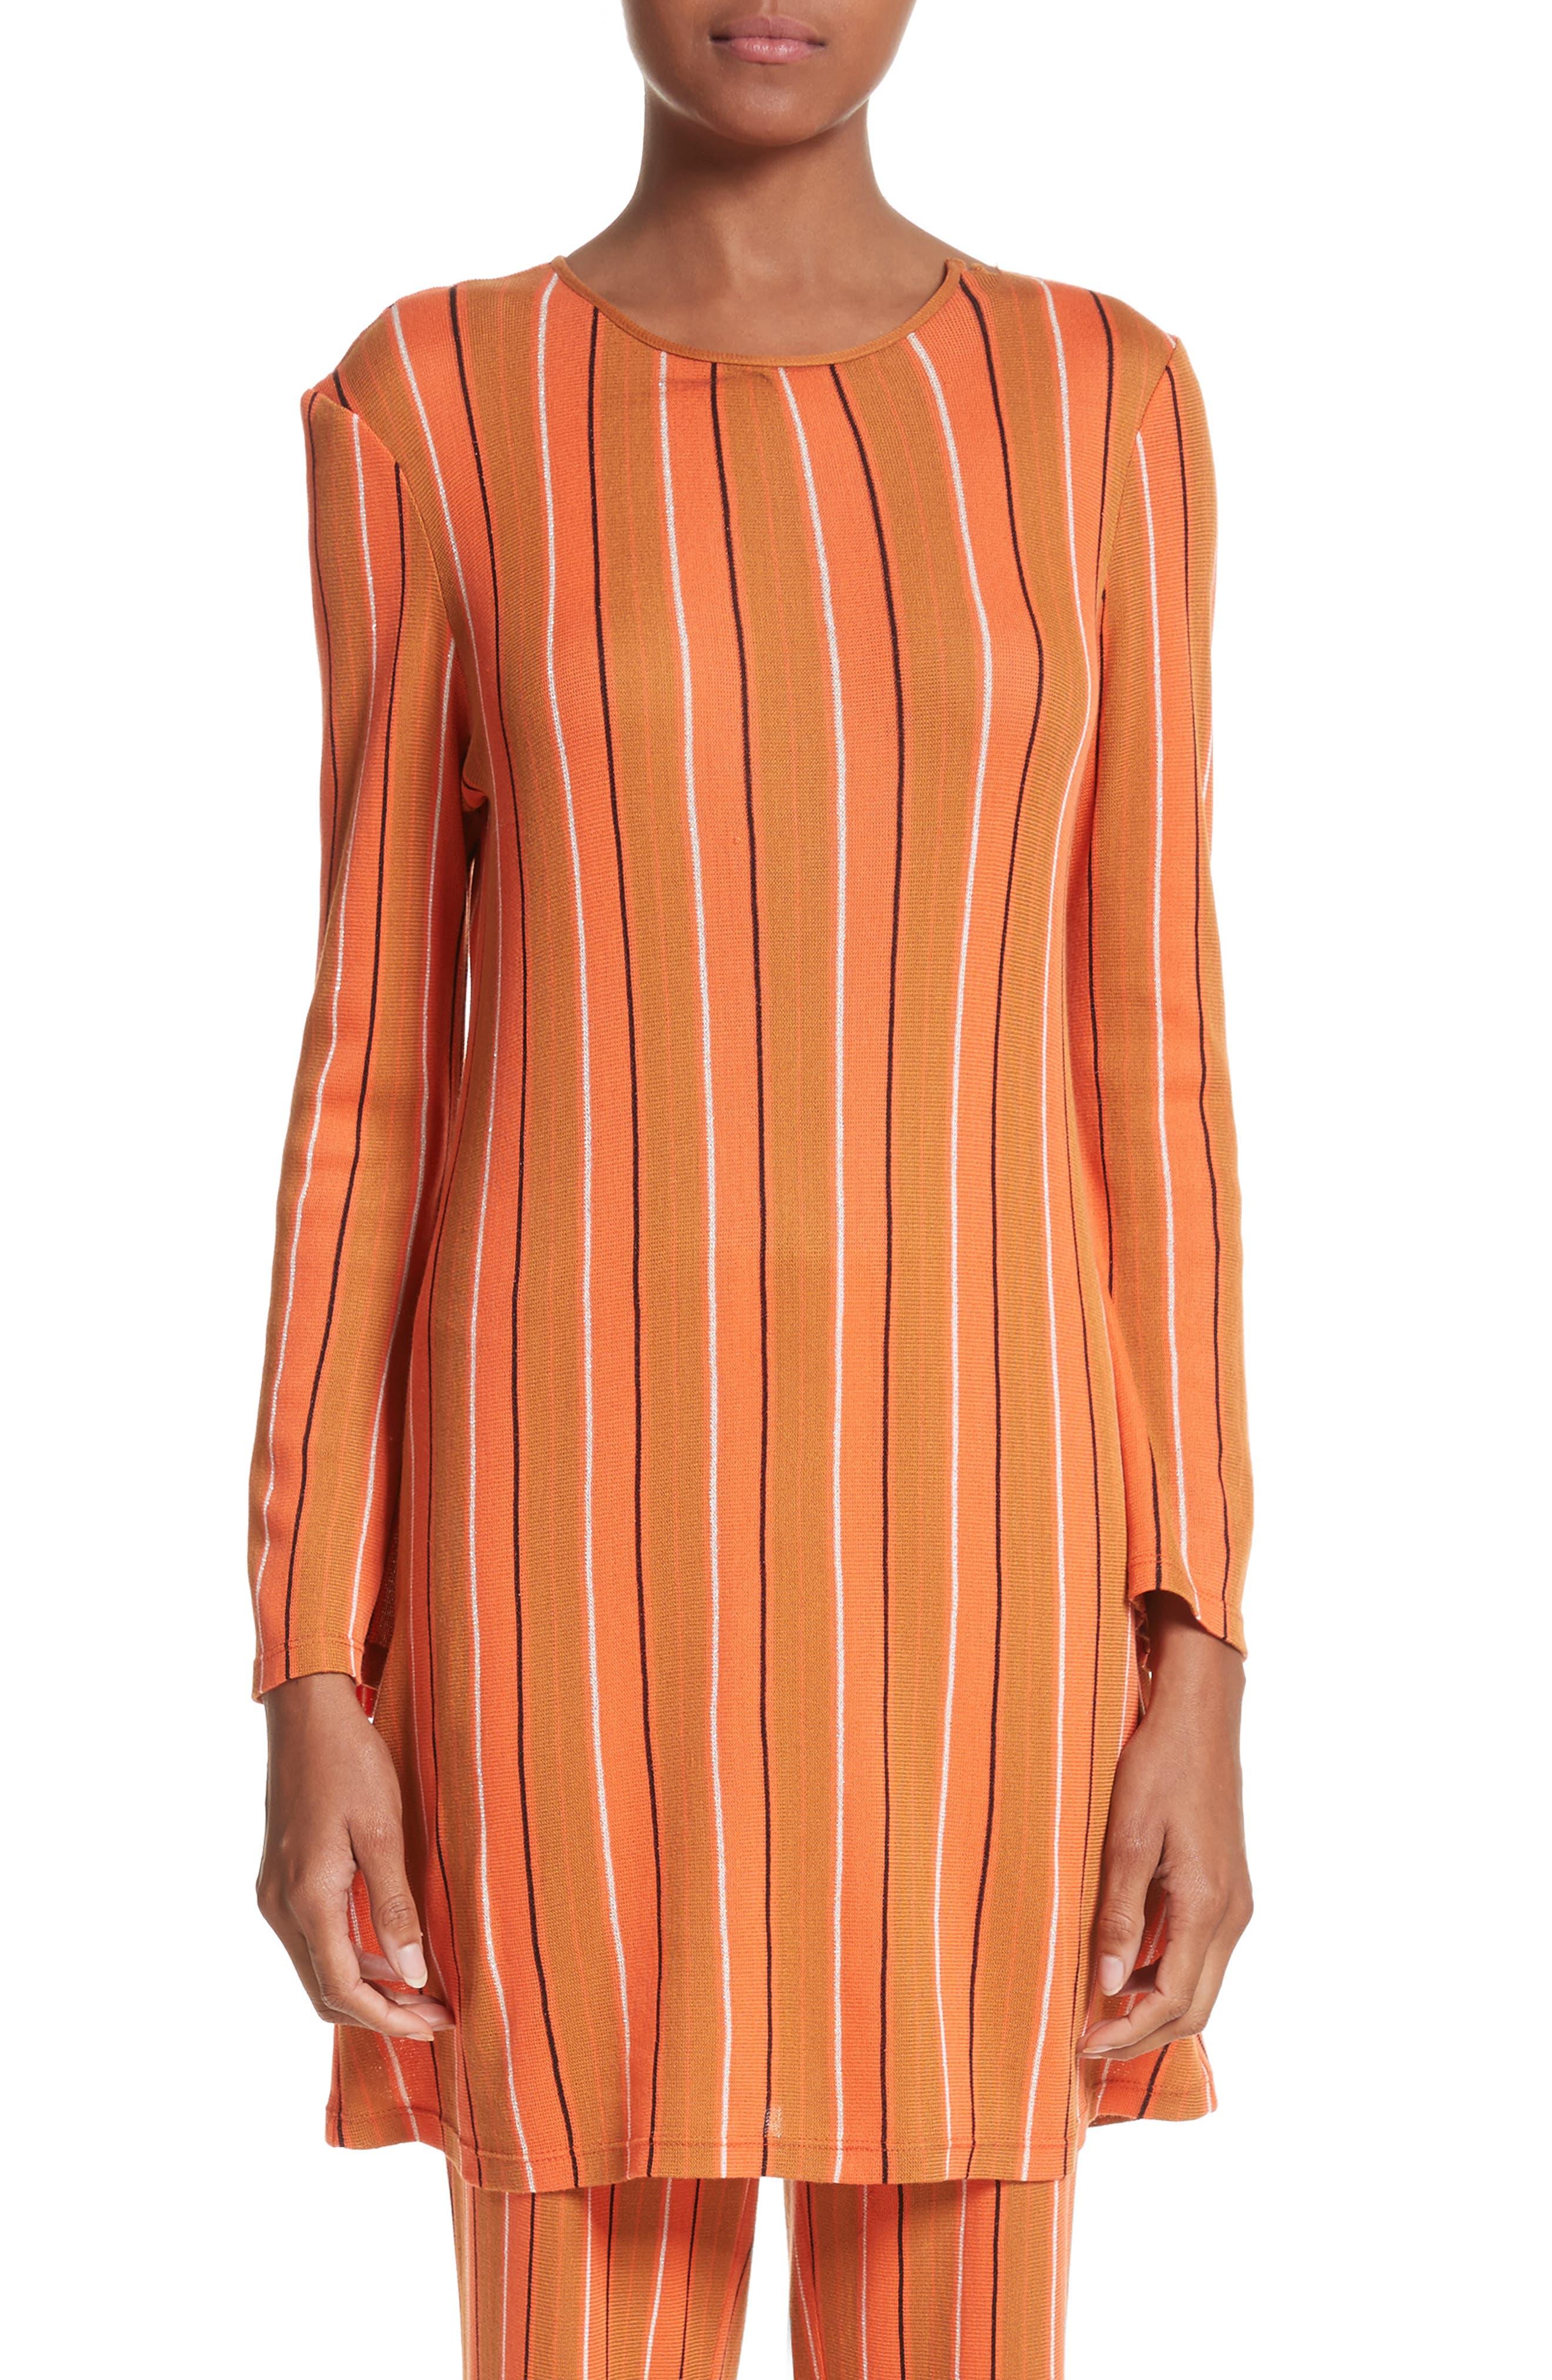 Simon Miller Capo Metallic Stripe Knit Tunic Dress